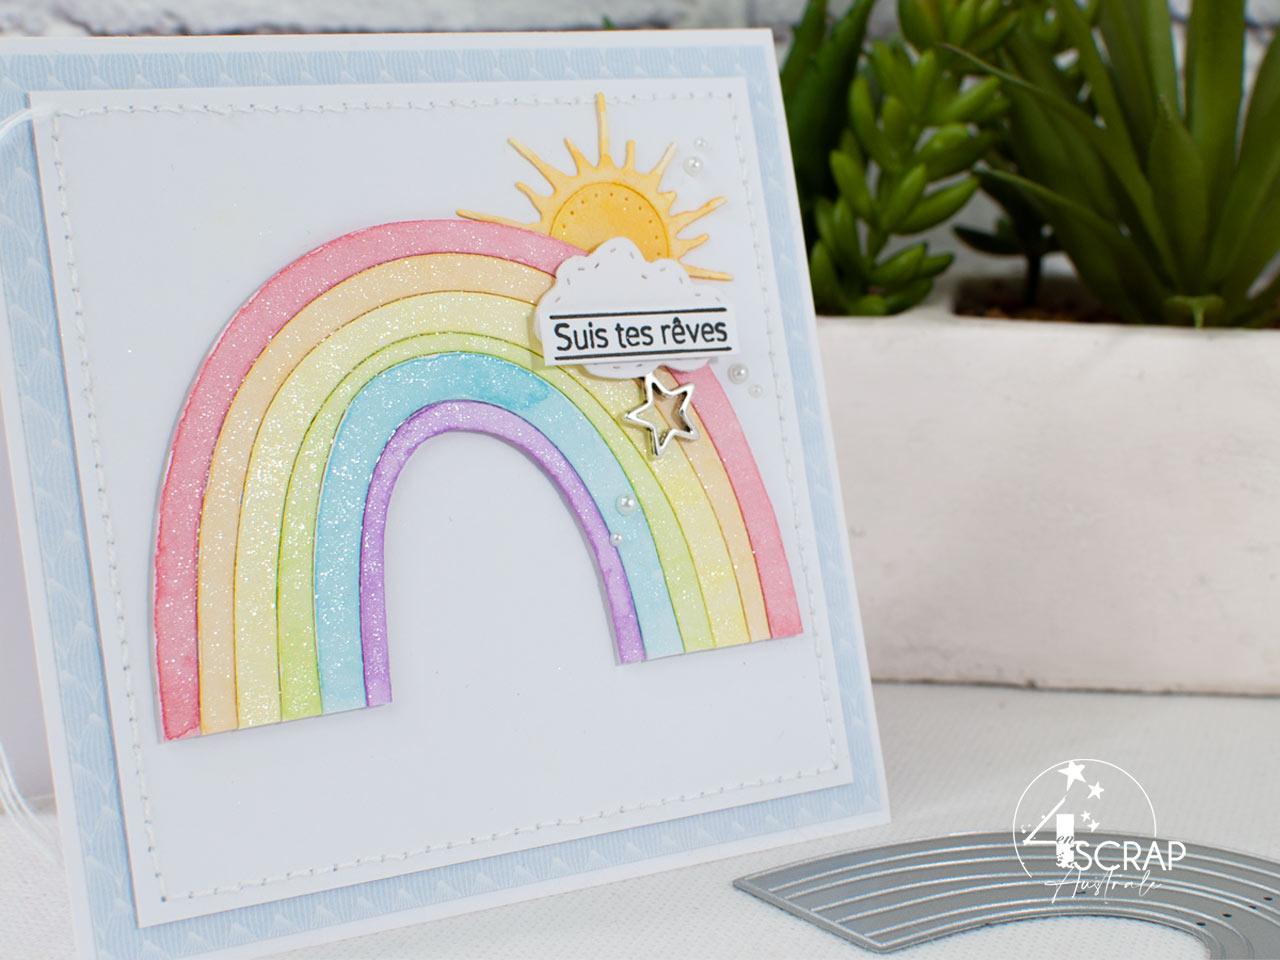 Création d'une carte arc-en-ciel avec mise en couleur à l'aquarelle et paillettes.